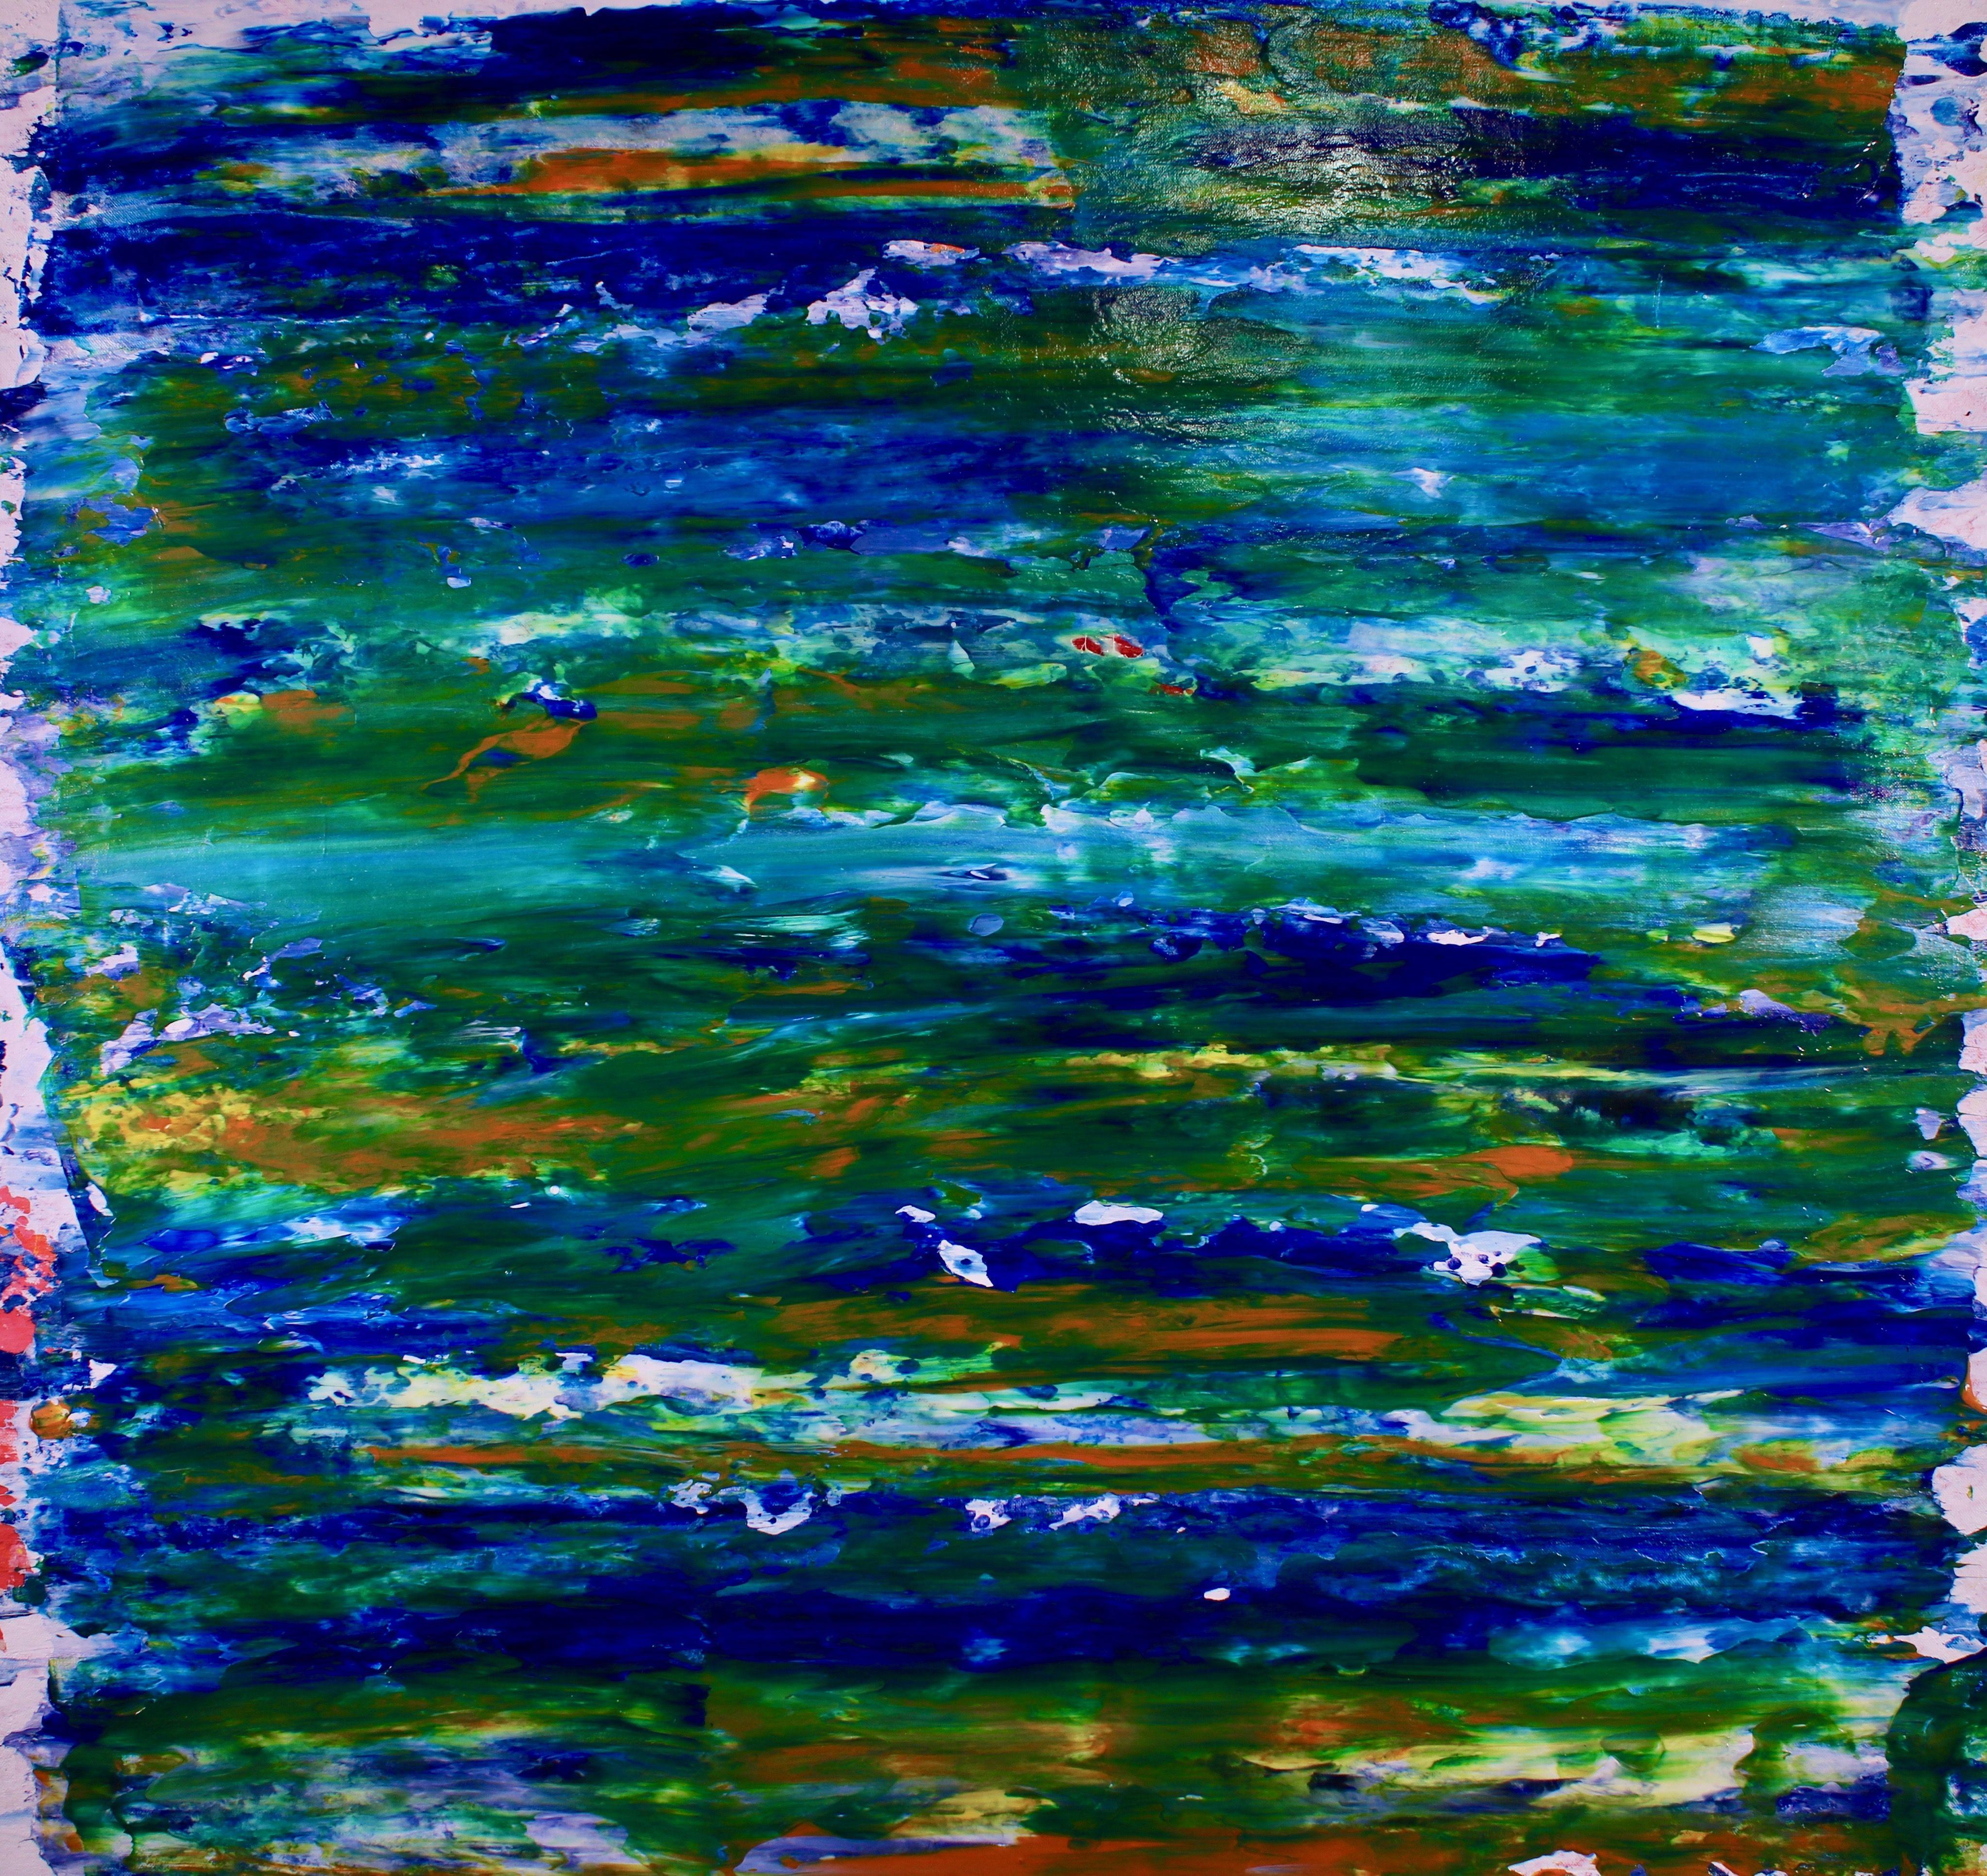 Visionary Terrain 5, Painting, Acrylic on Canvas